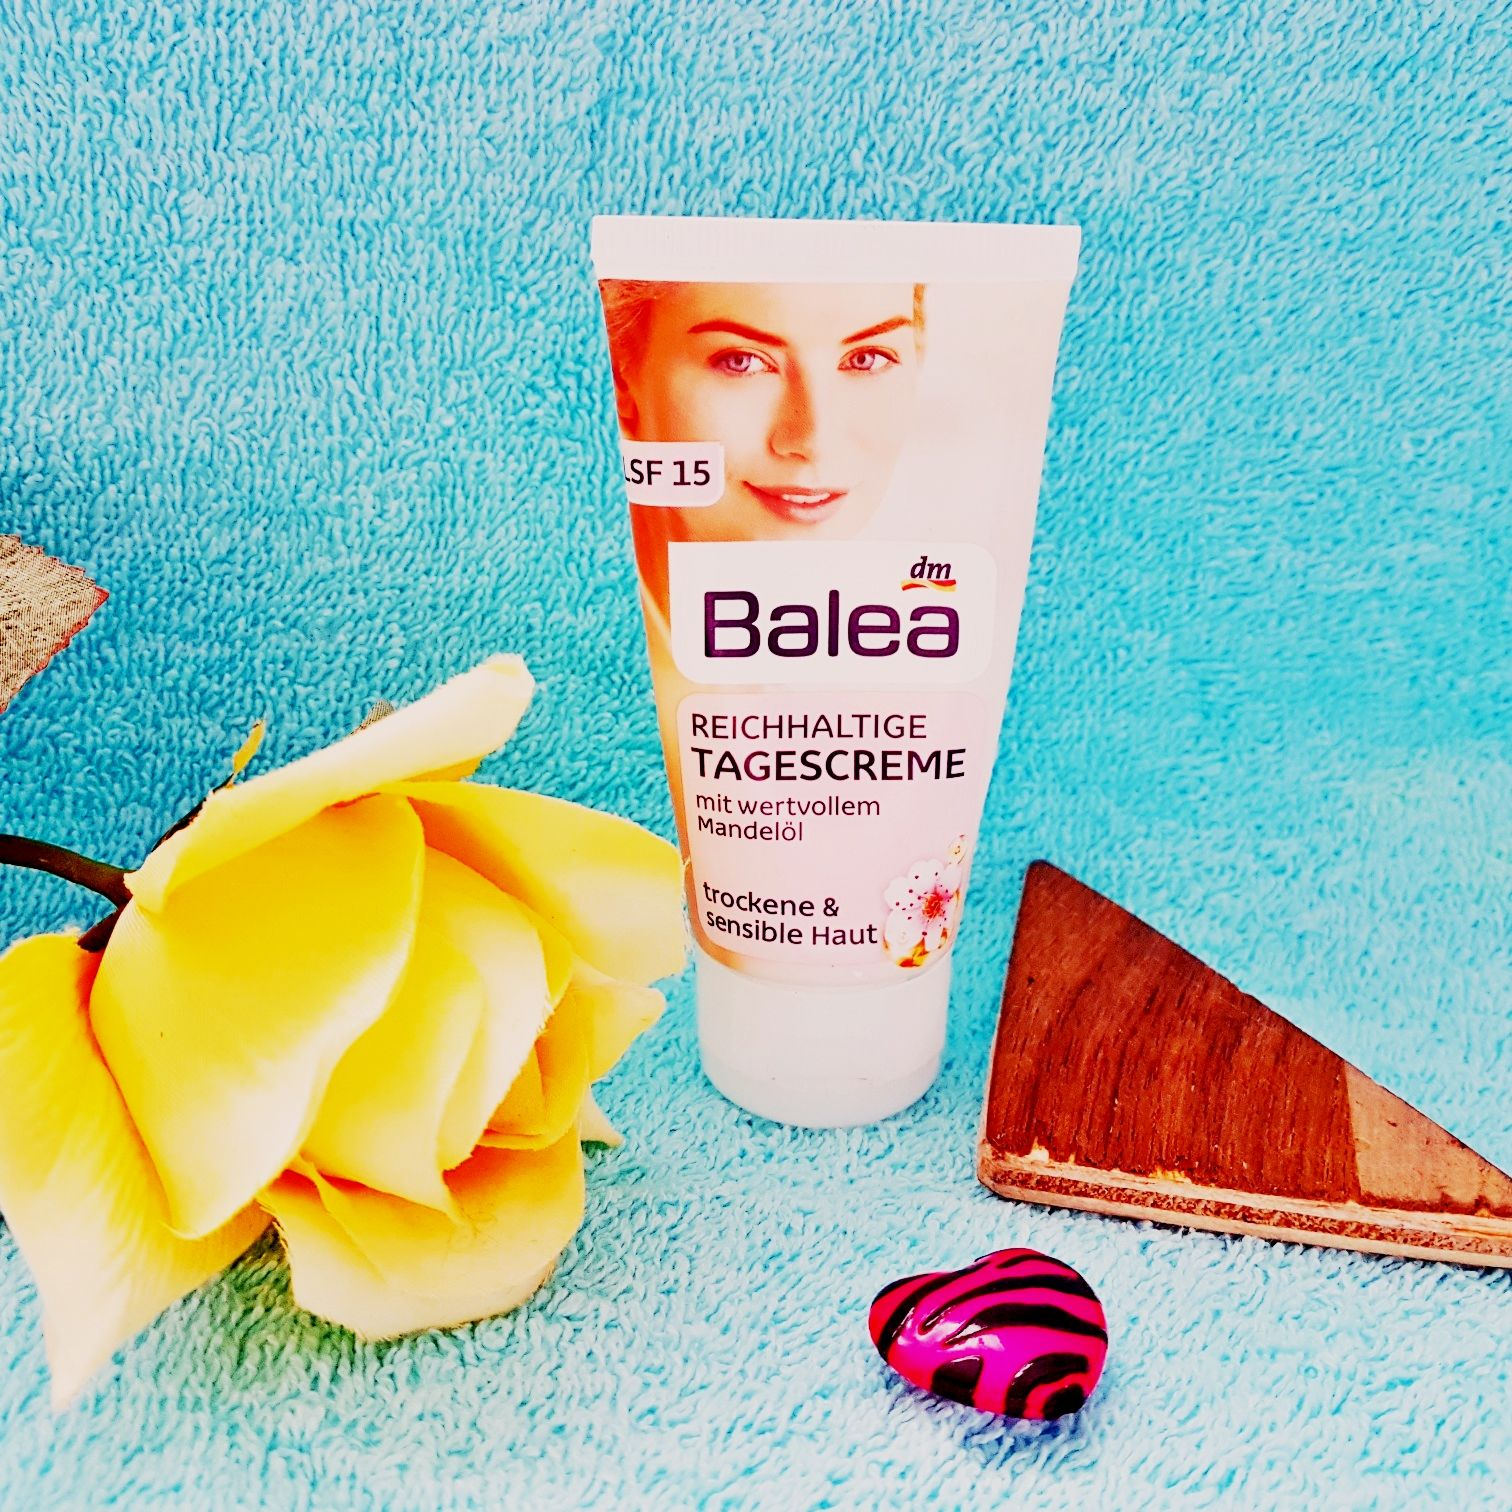 Balea Reichhaltige Tagescreme ist für trockene und sensible Haut